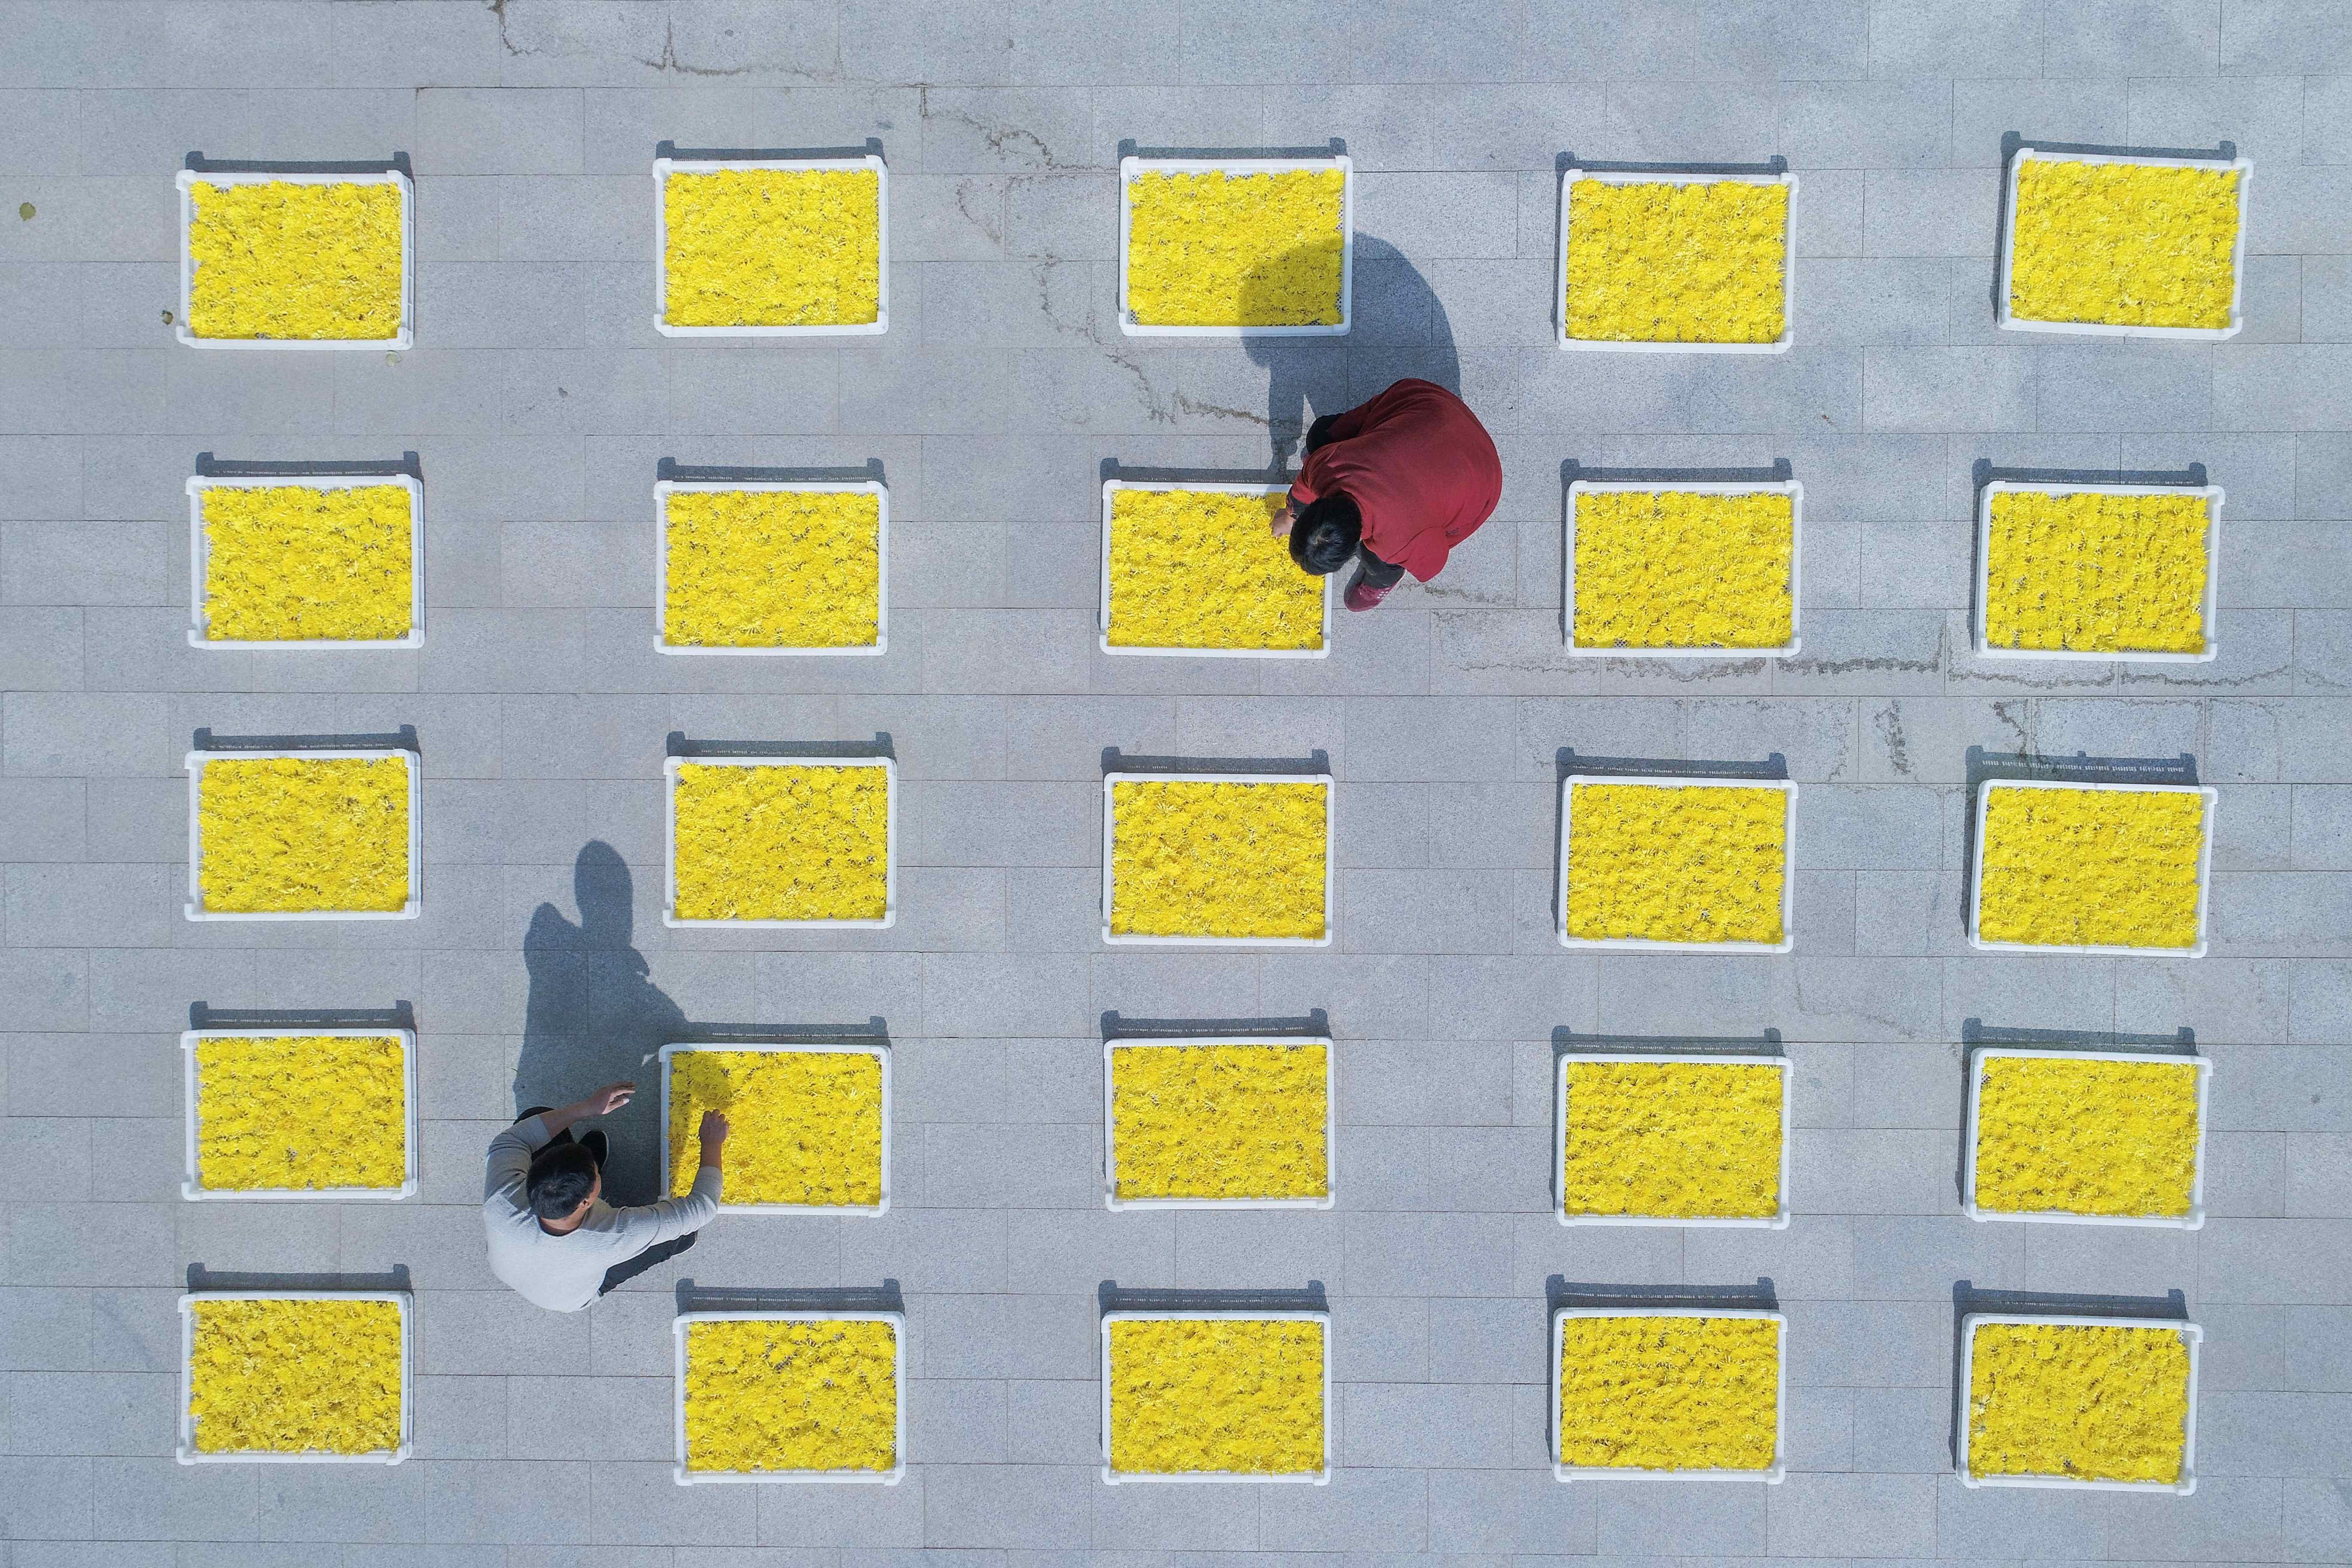 美到窒息!天空之眼带你瞰炫彩华夏 新湖南www.hunanabc.com